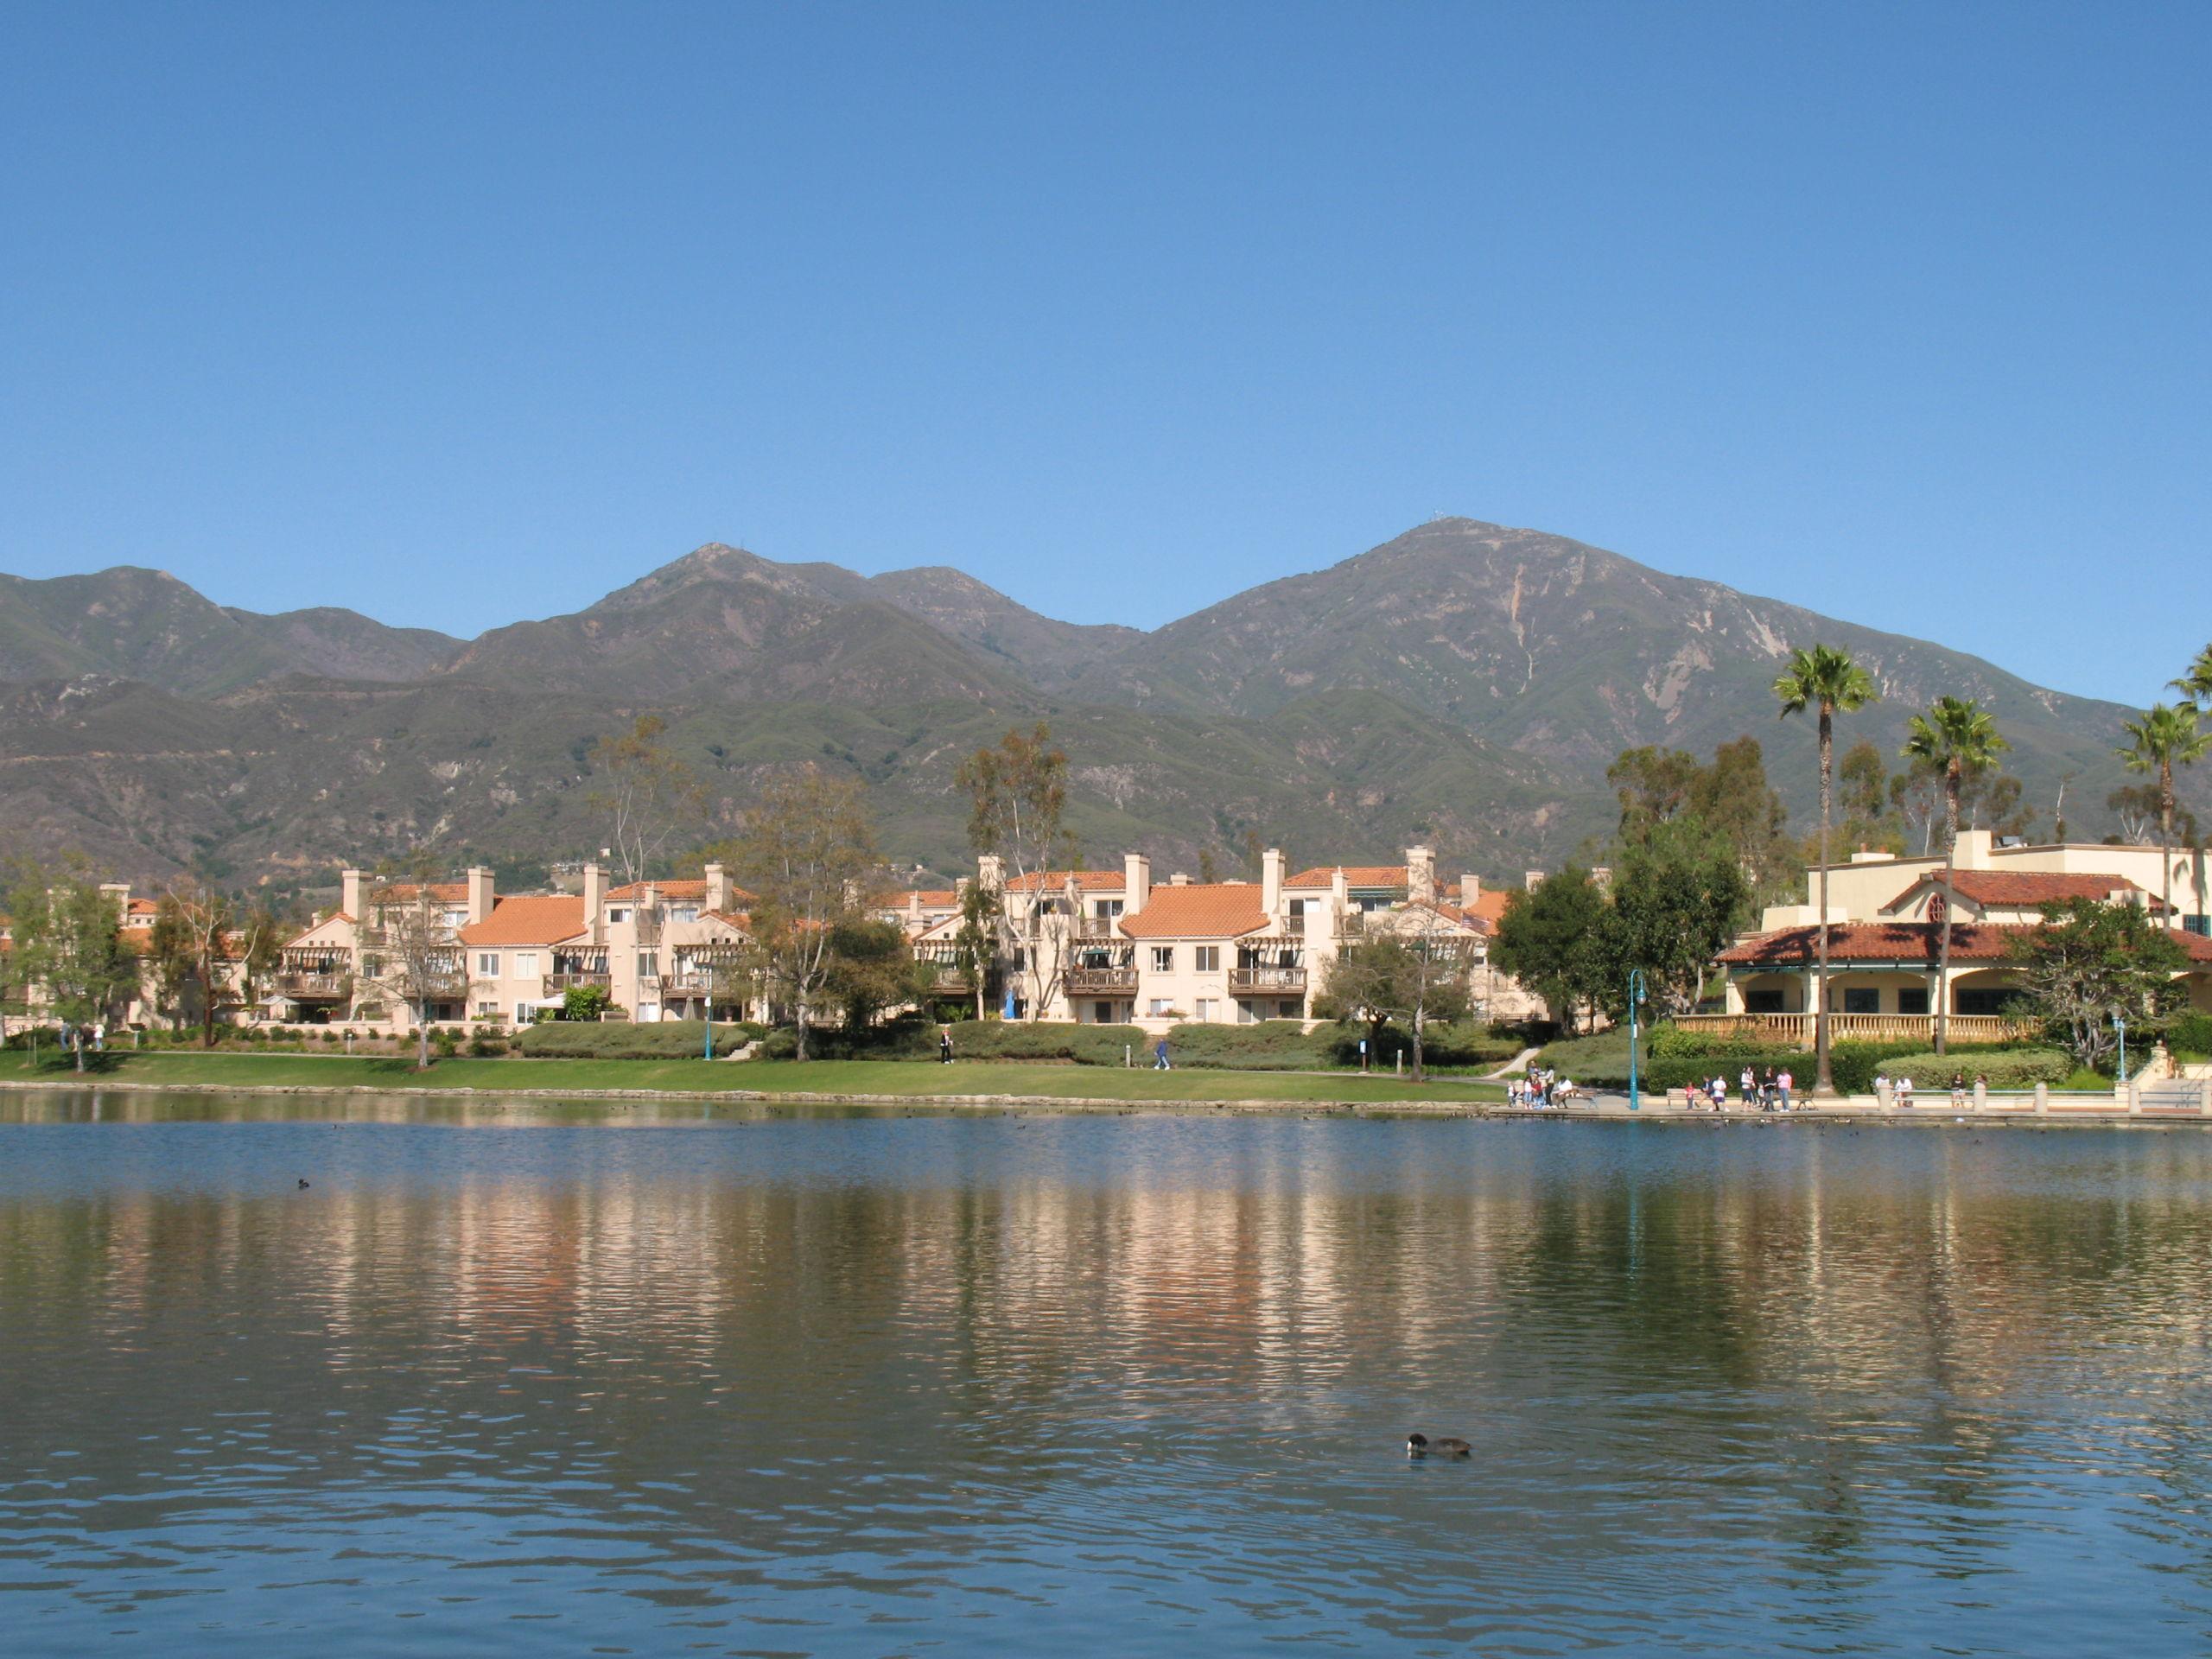 Rancho Santa Margarita and Saddleback Mountains